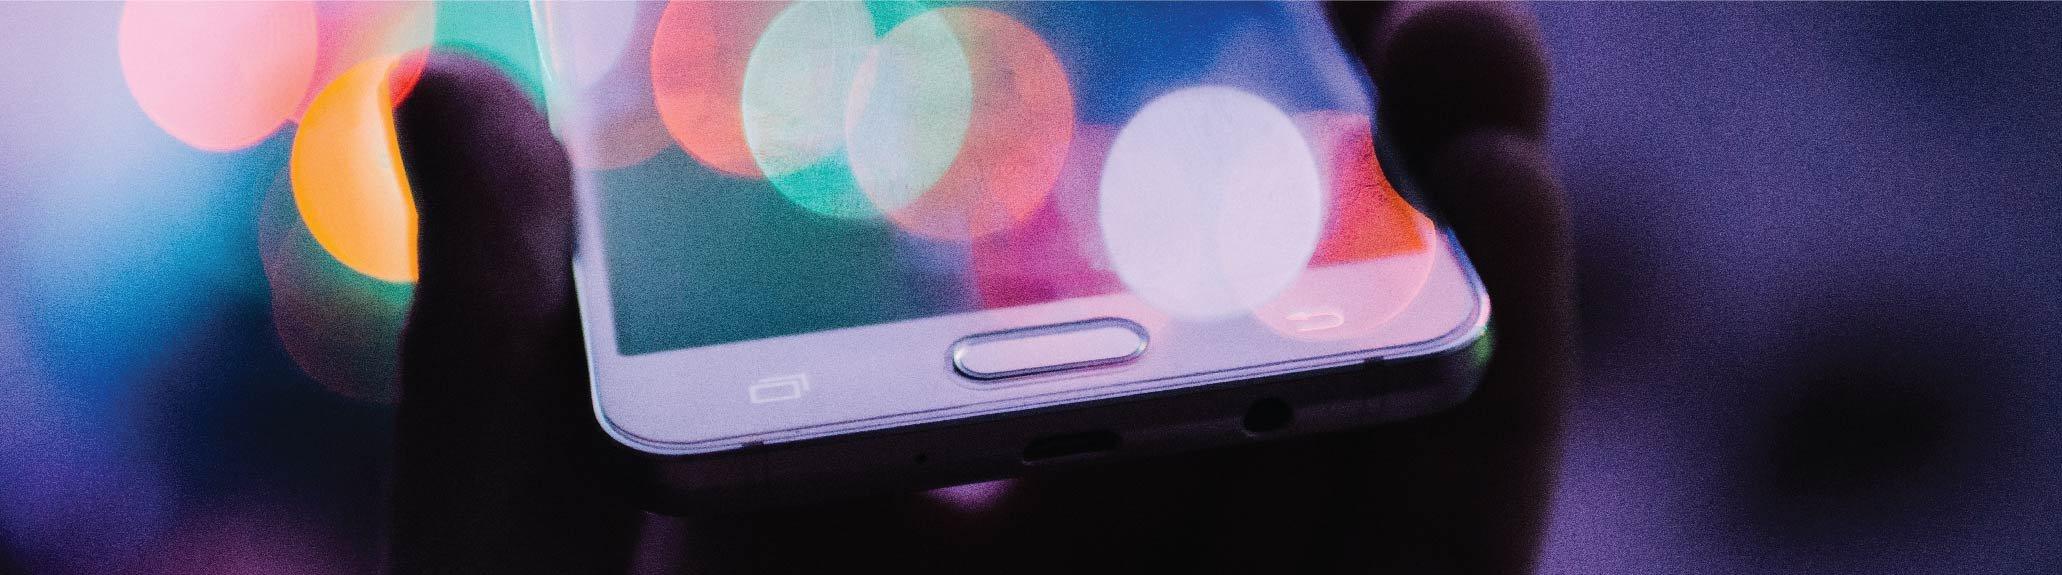 NEXON-M game phone